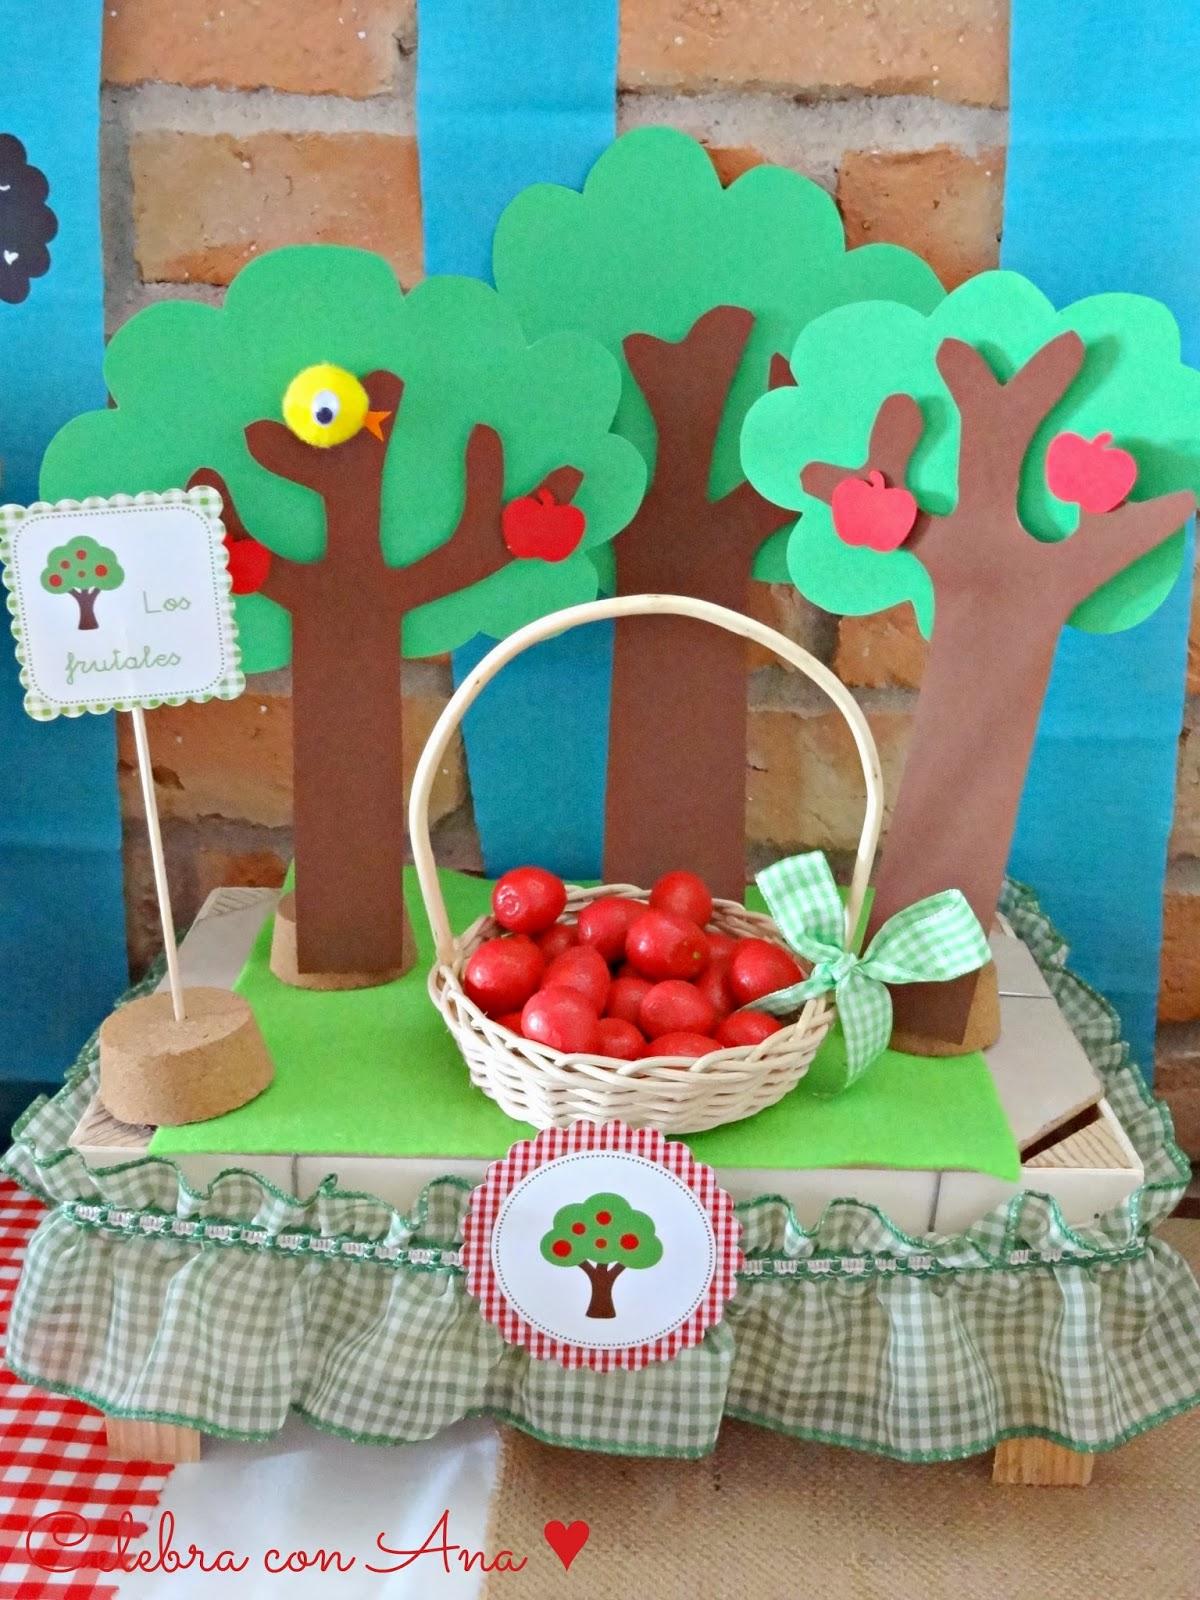 Celebra con ana compartiendo experiencias creativas for Decoracion casa con ninos